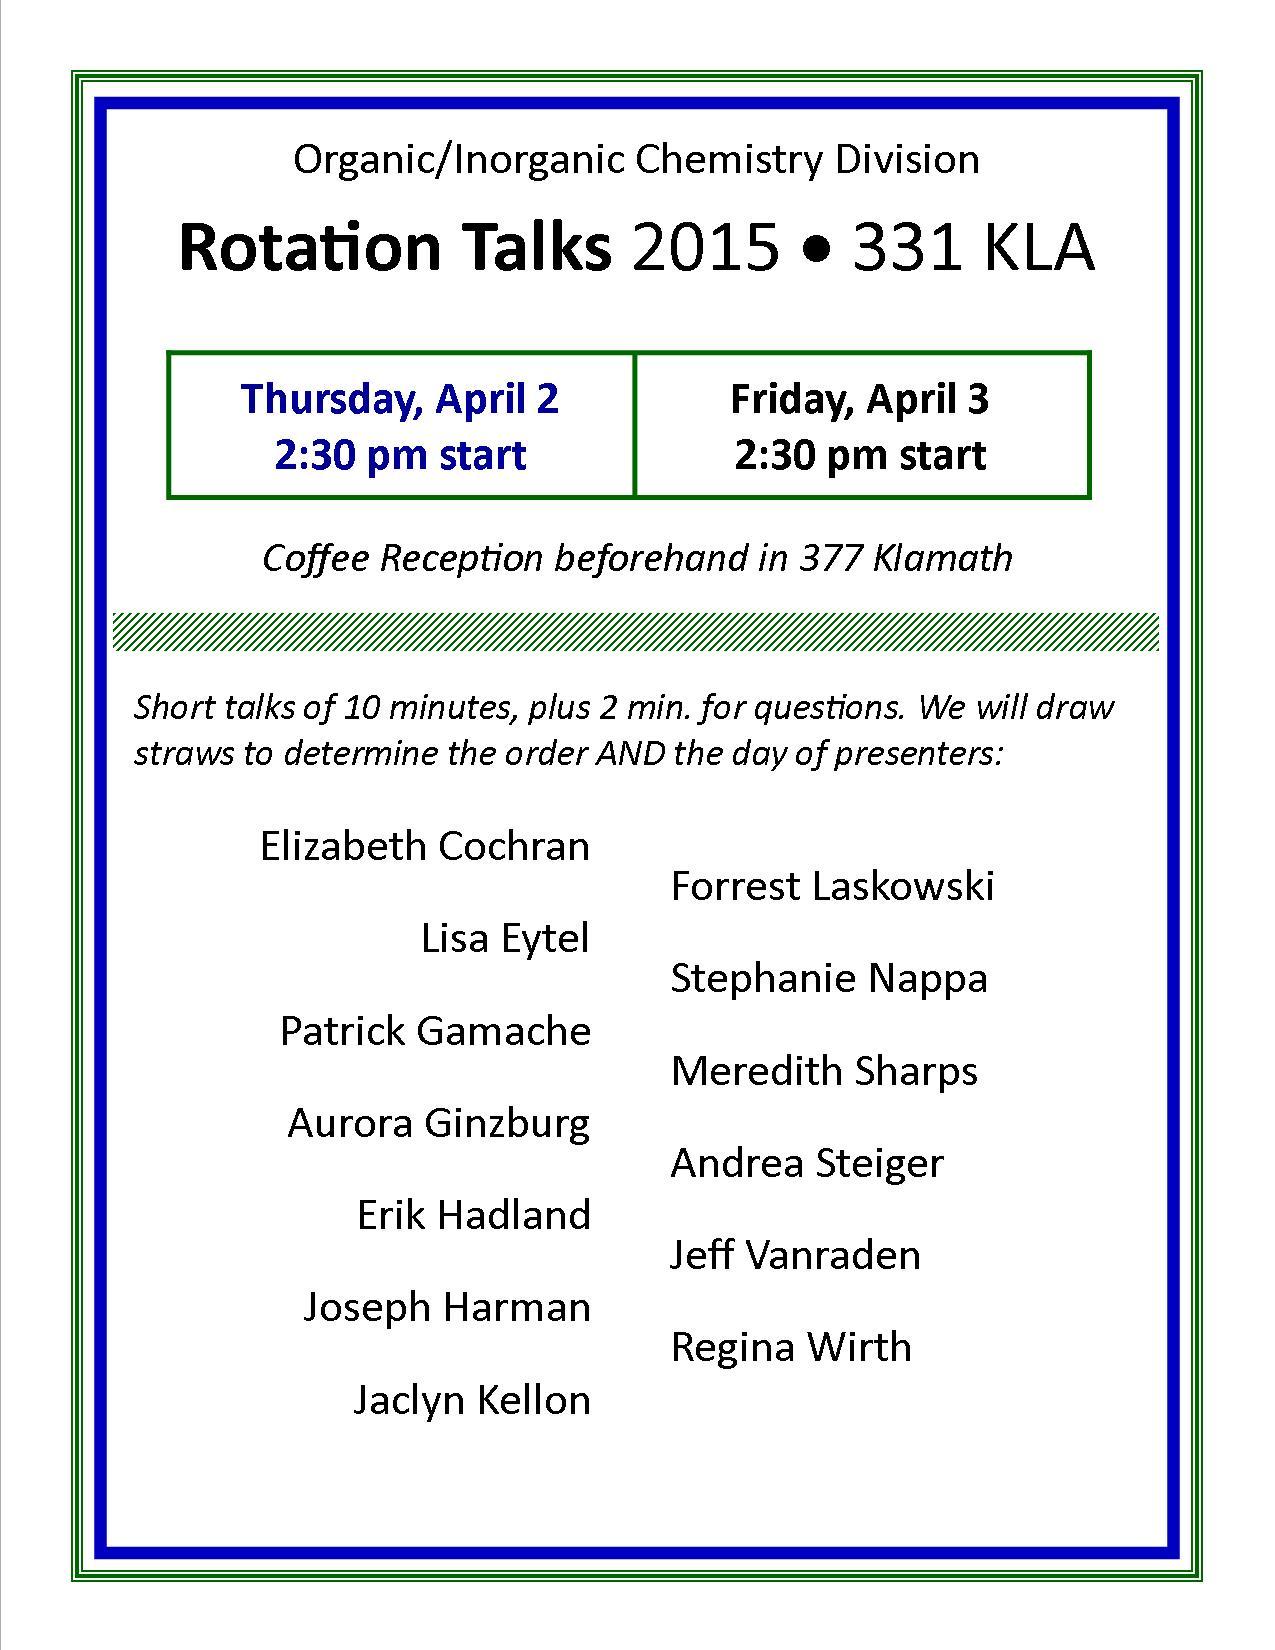 Rotation Talks - April 2015